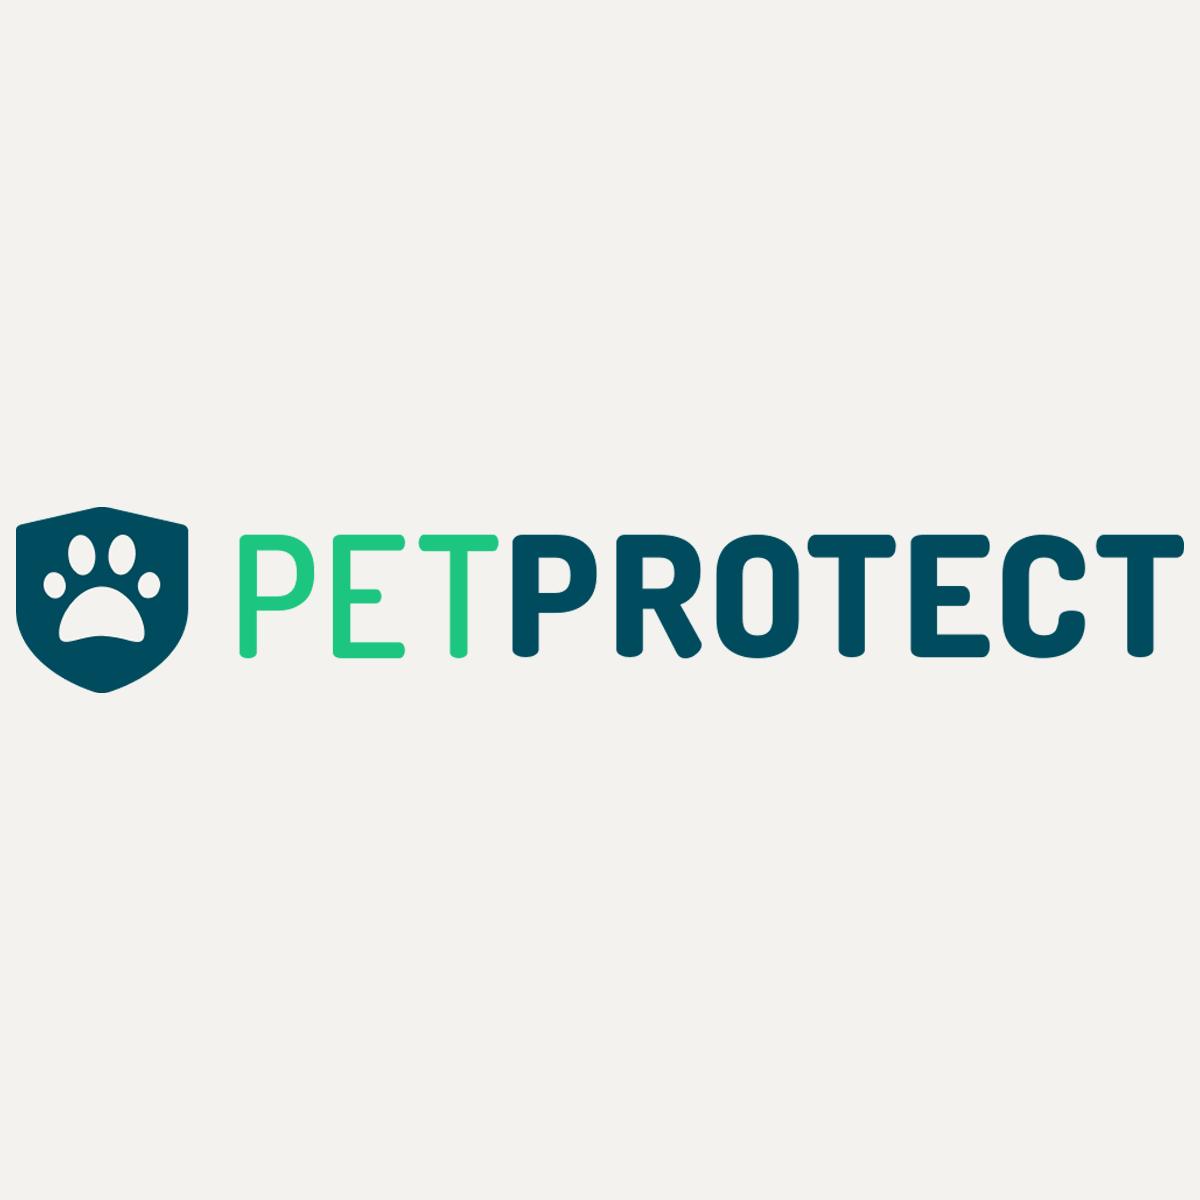 PETPROTECT Logo